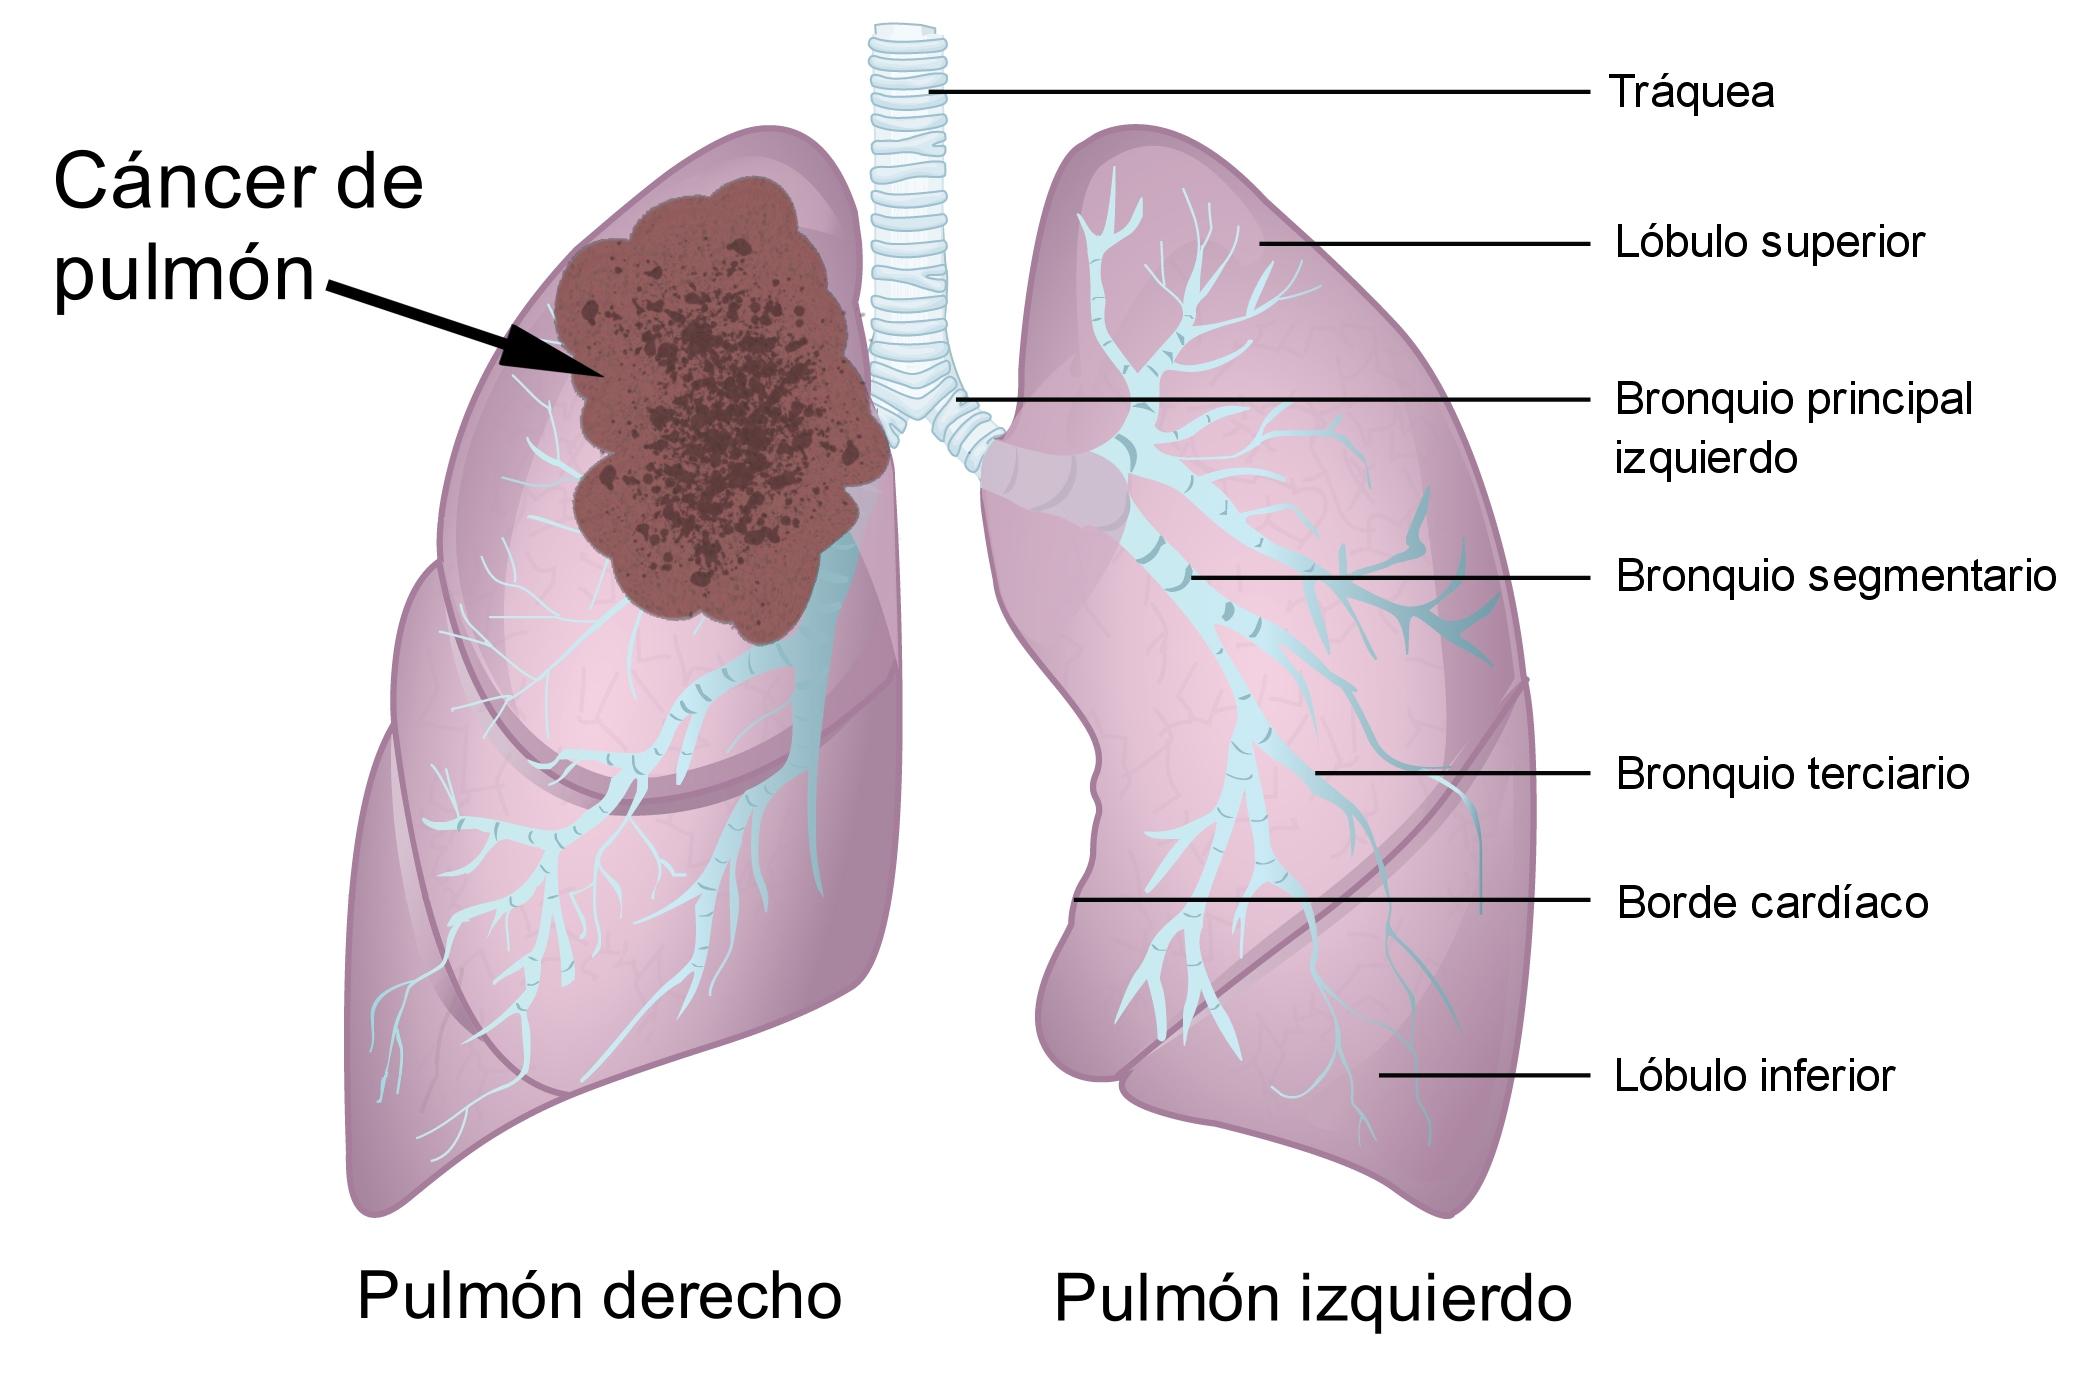 cancer de colon maligno tiene cura)